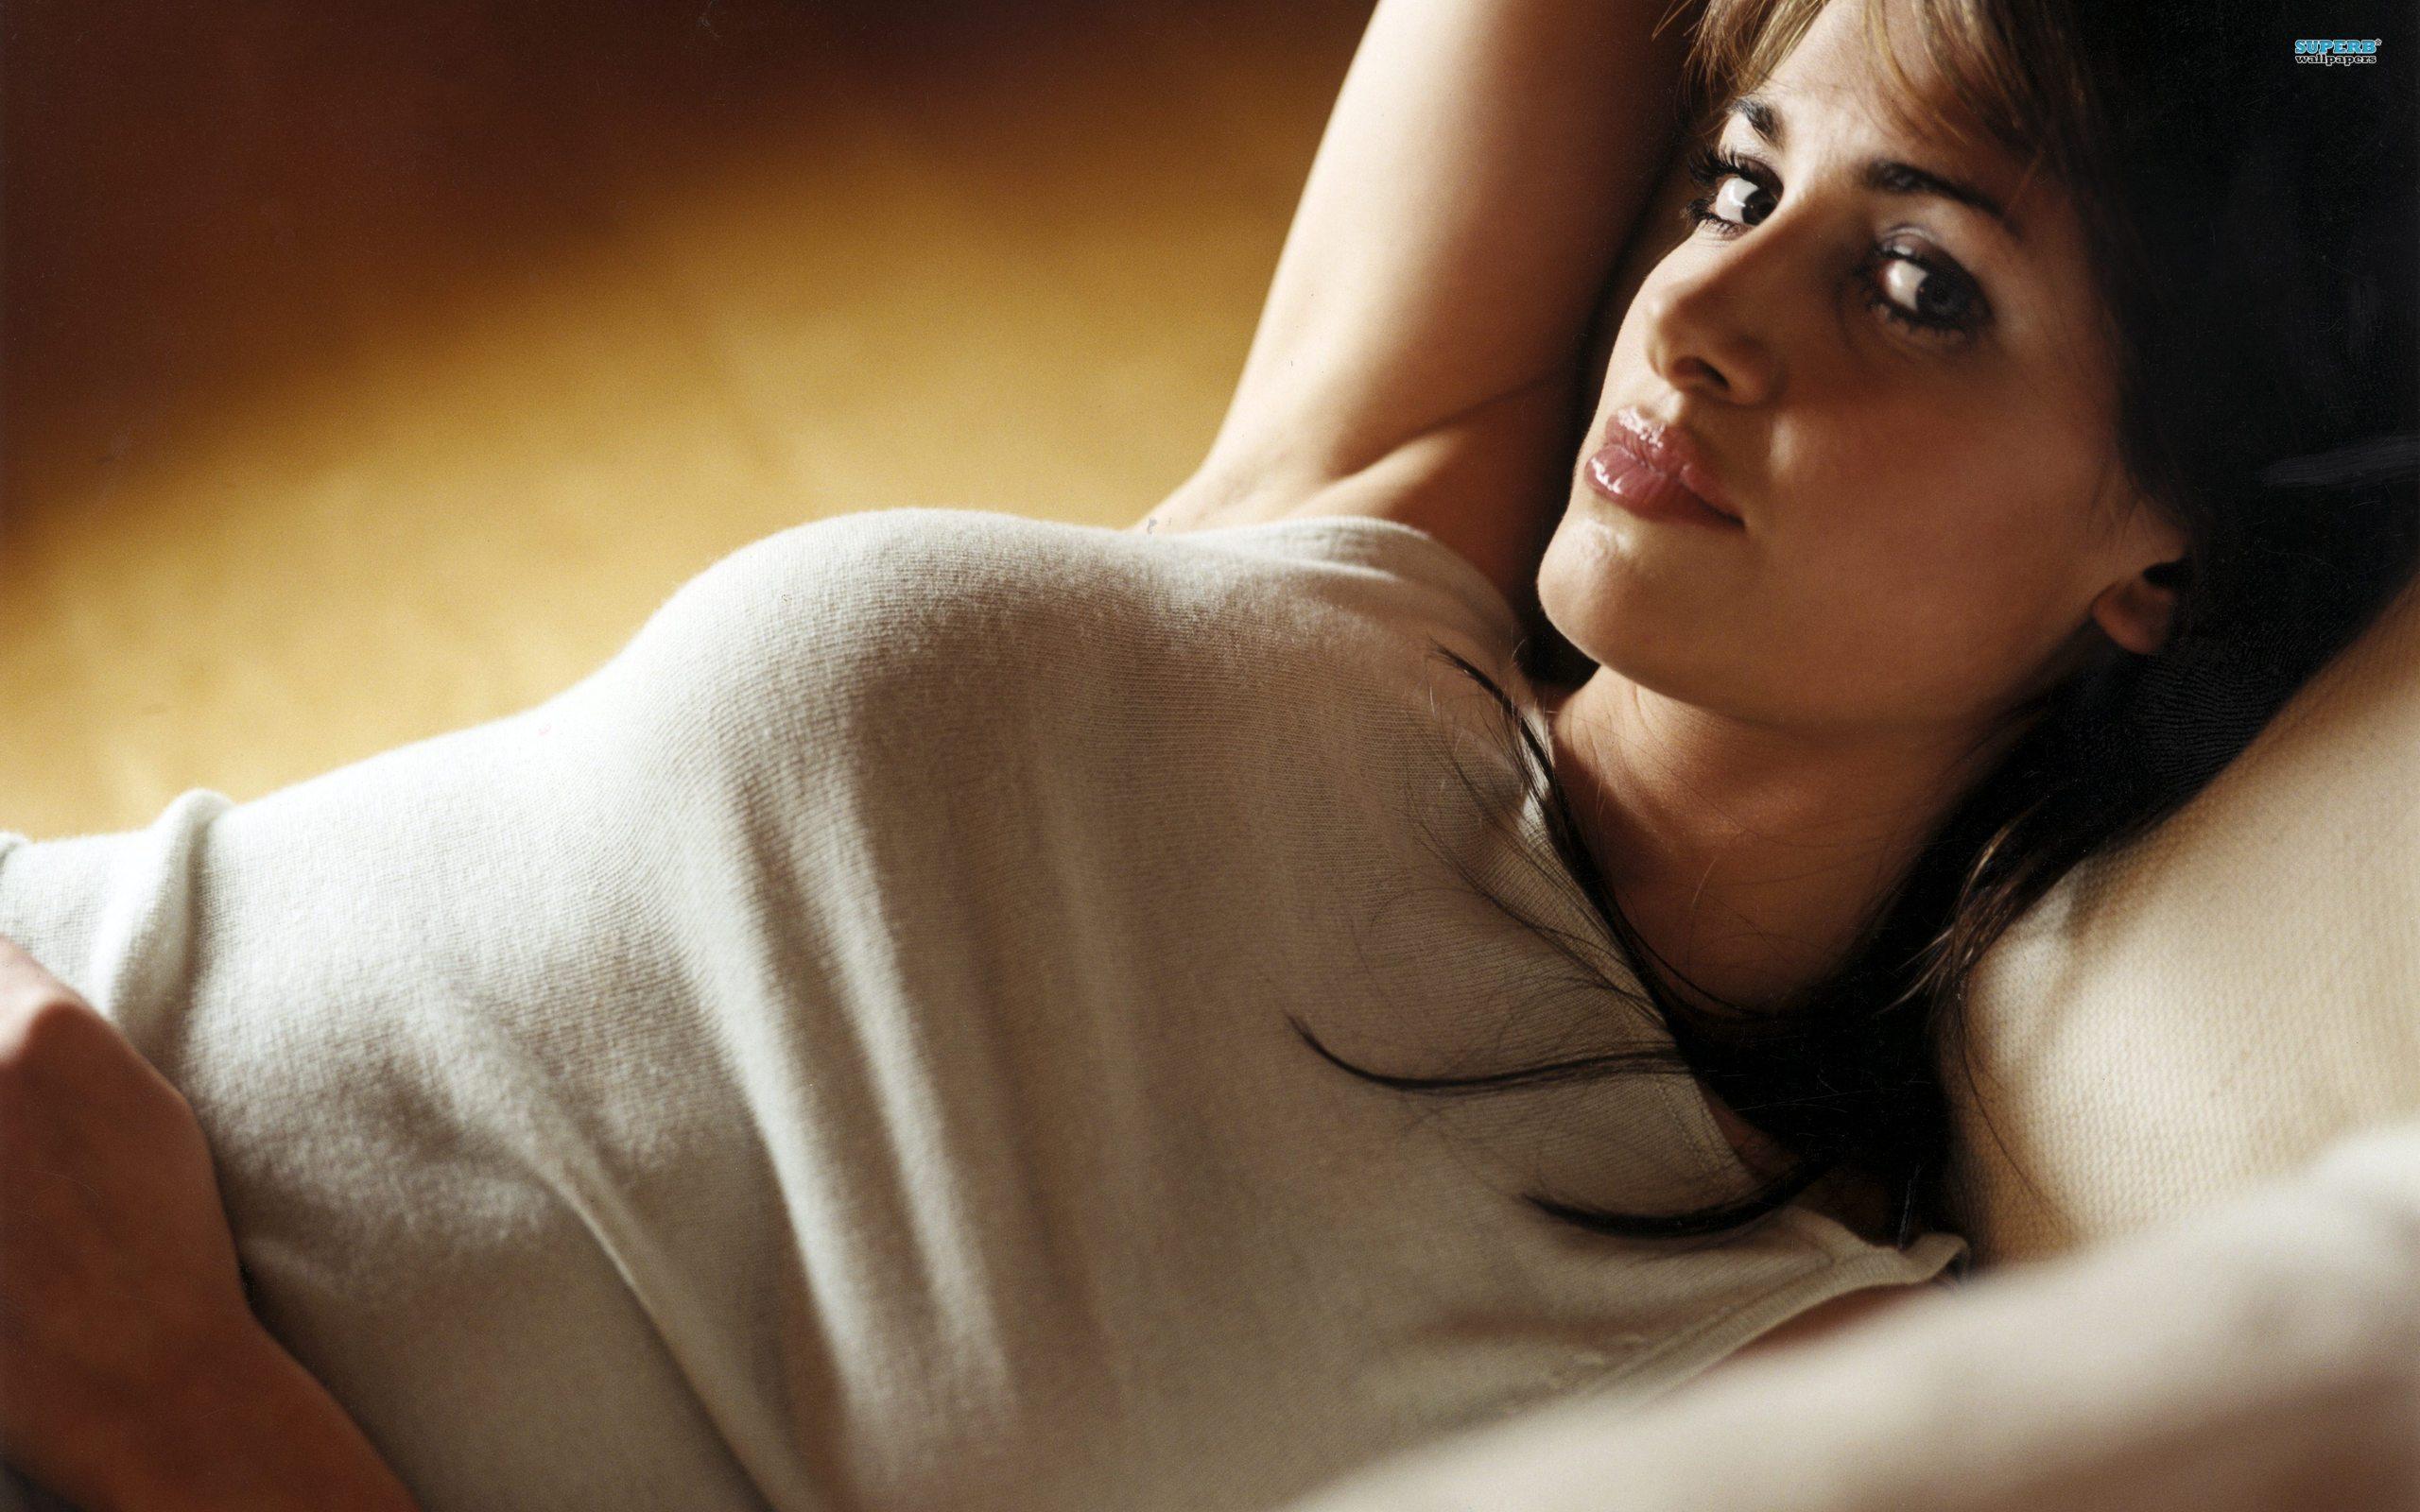 Самые красивые голые девочки фото обои 10 фотография